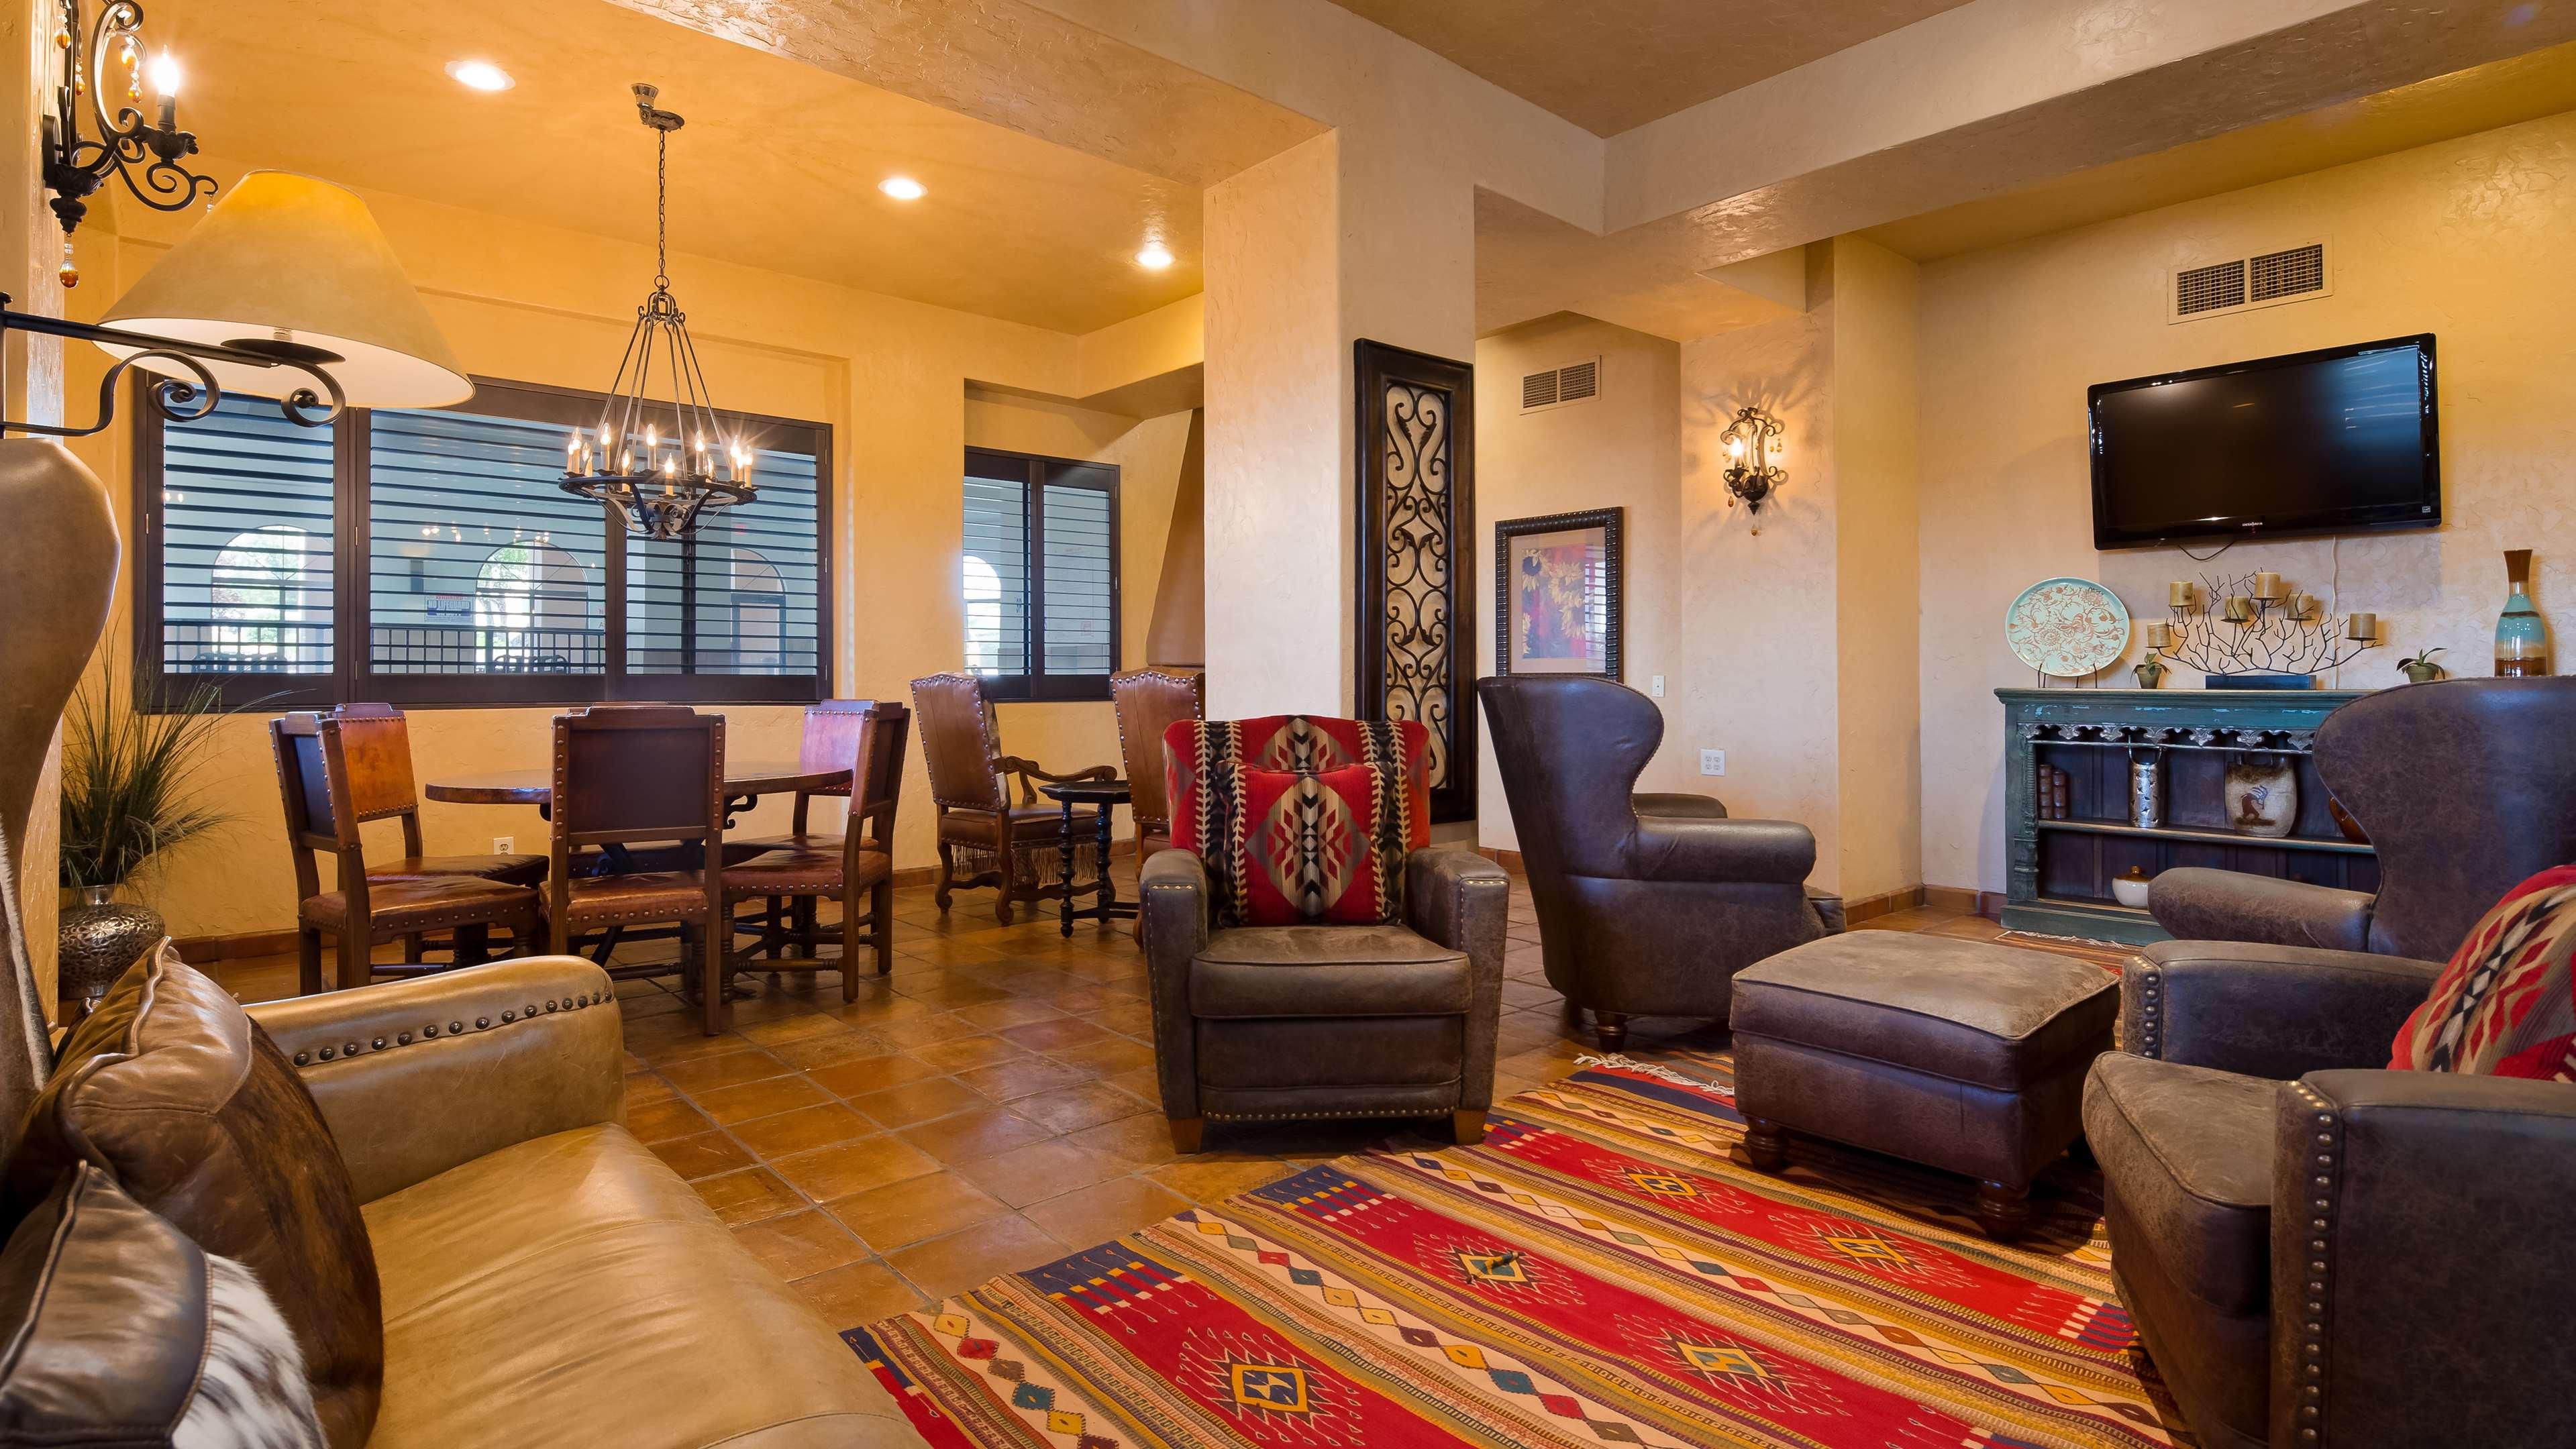 Best Western Plus Inn of Santa Fe image 2